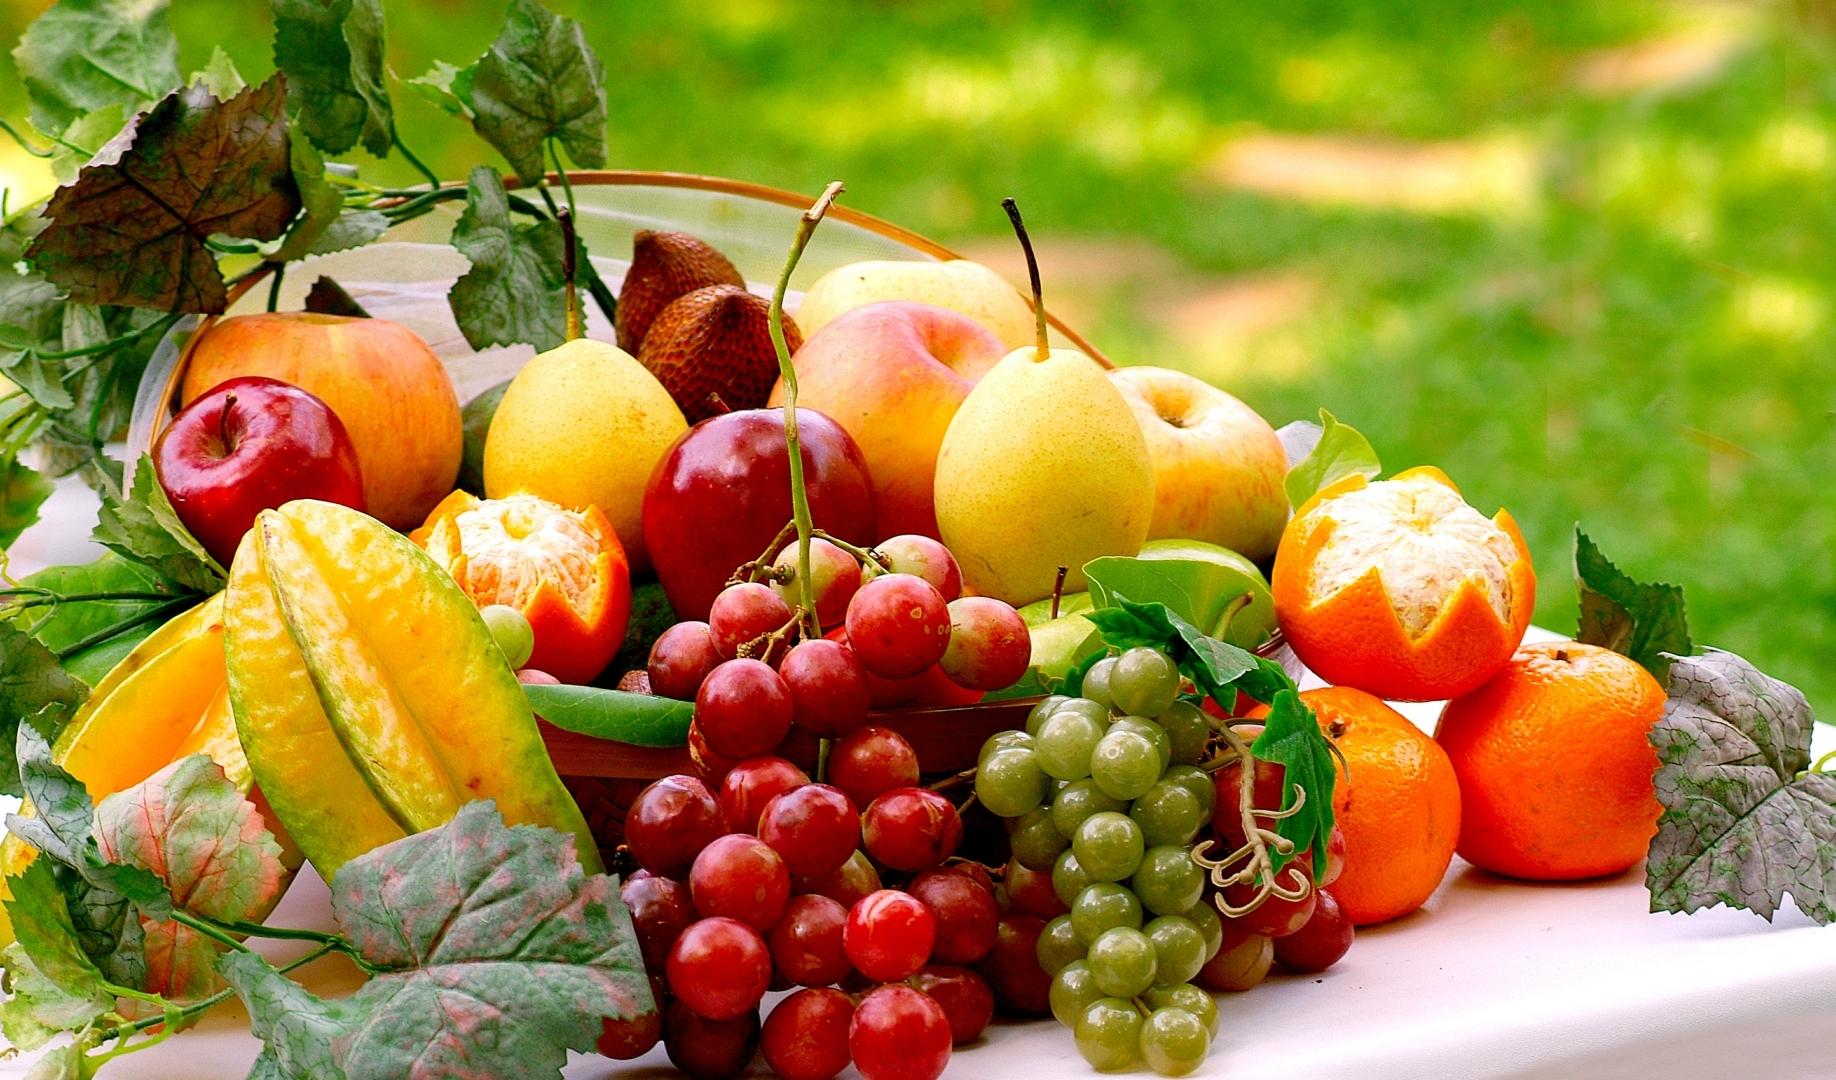 buah-buahan bebas jerawat